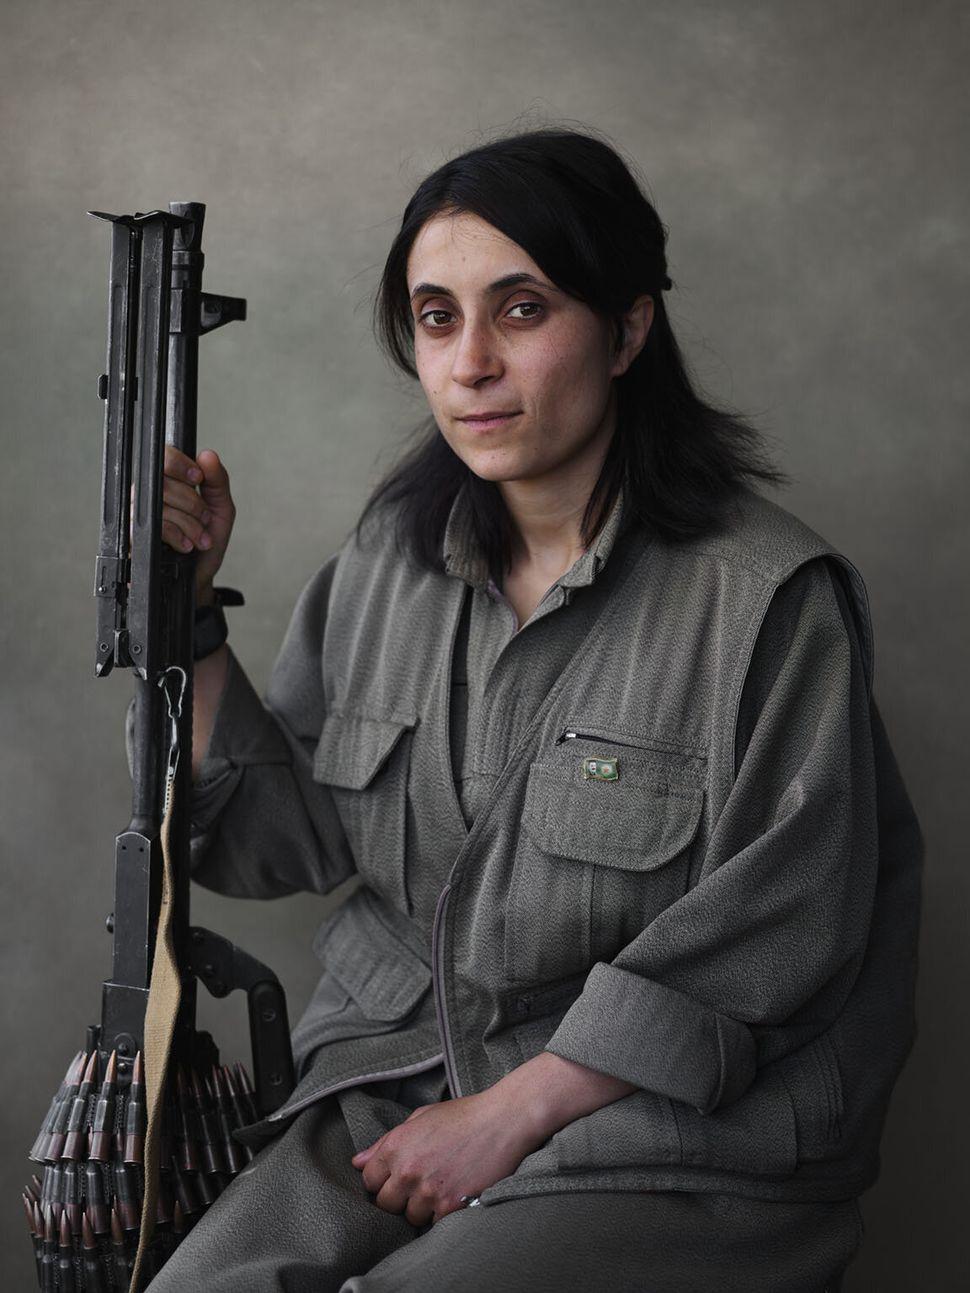 PKK member Ruken.